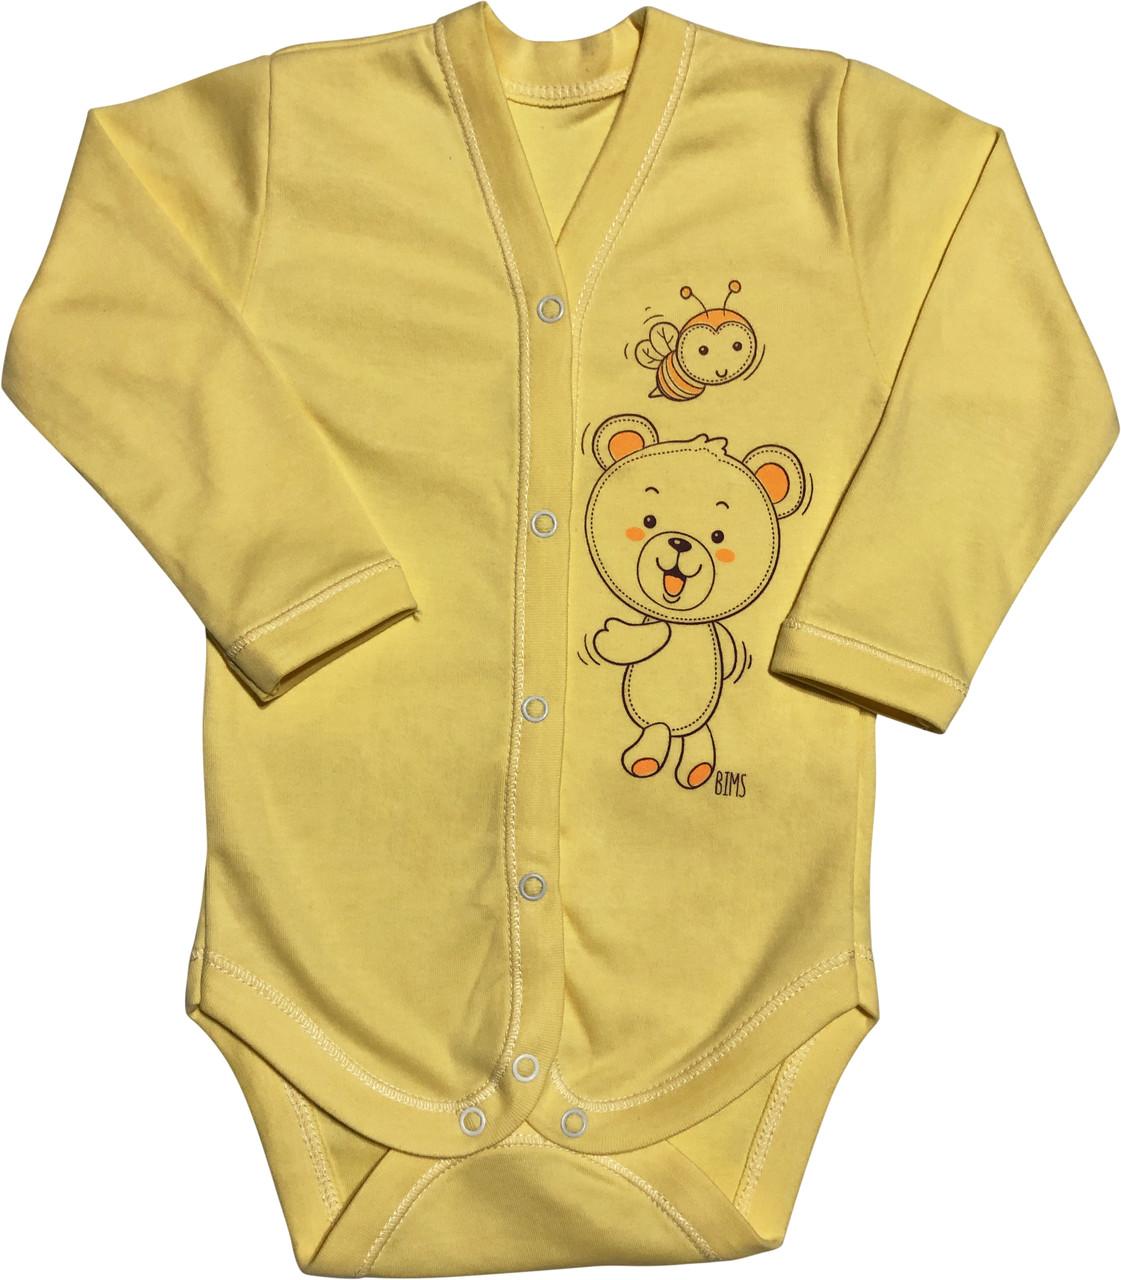 Детское боди для новорожденных  рост 68 3-6 мес на мальчика девочку трикотажное с длинным рукавом жёлтое